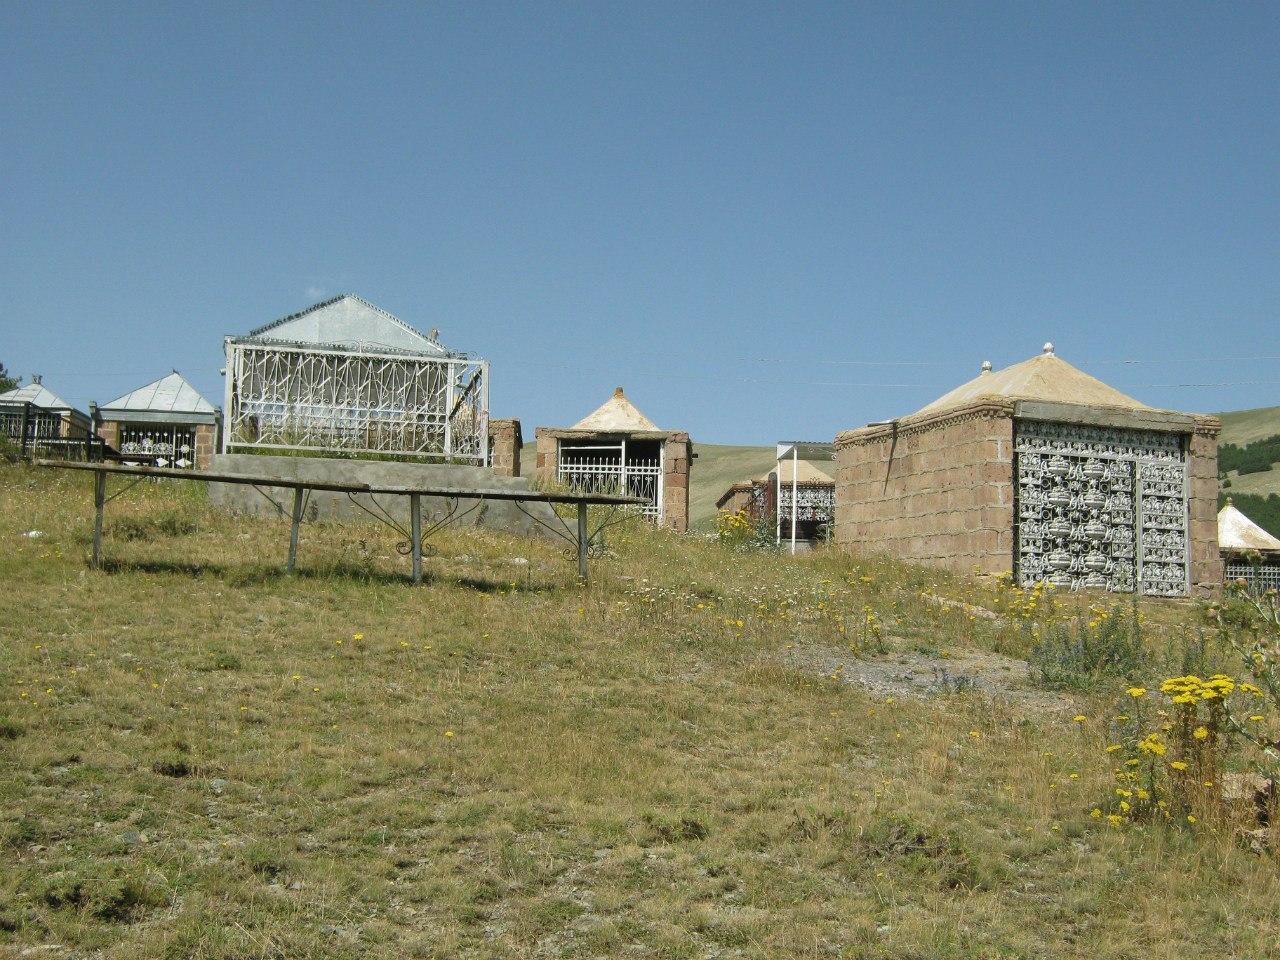 Езидские могилы/гробницы на кладбище